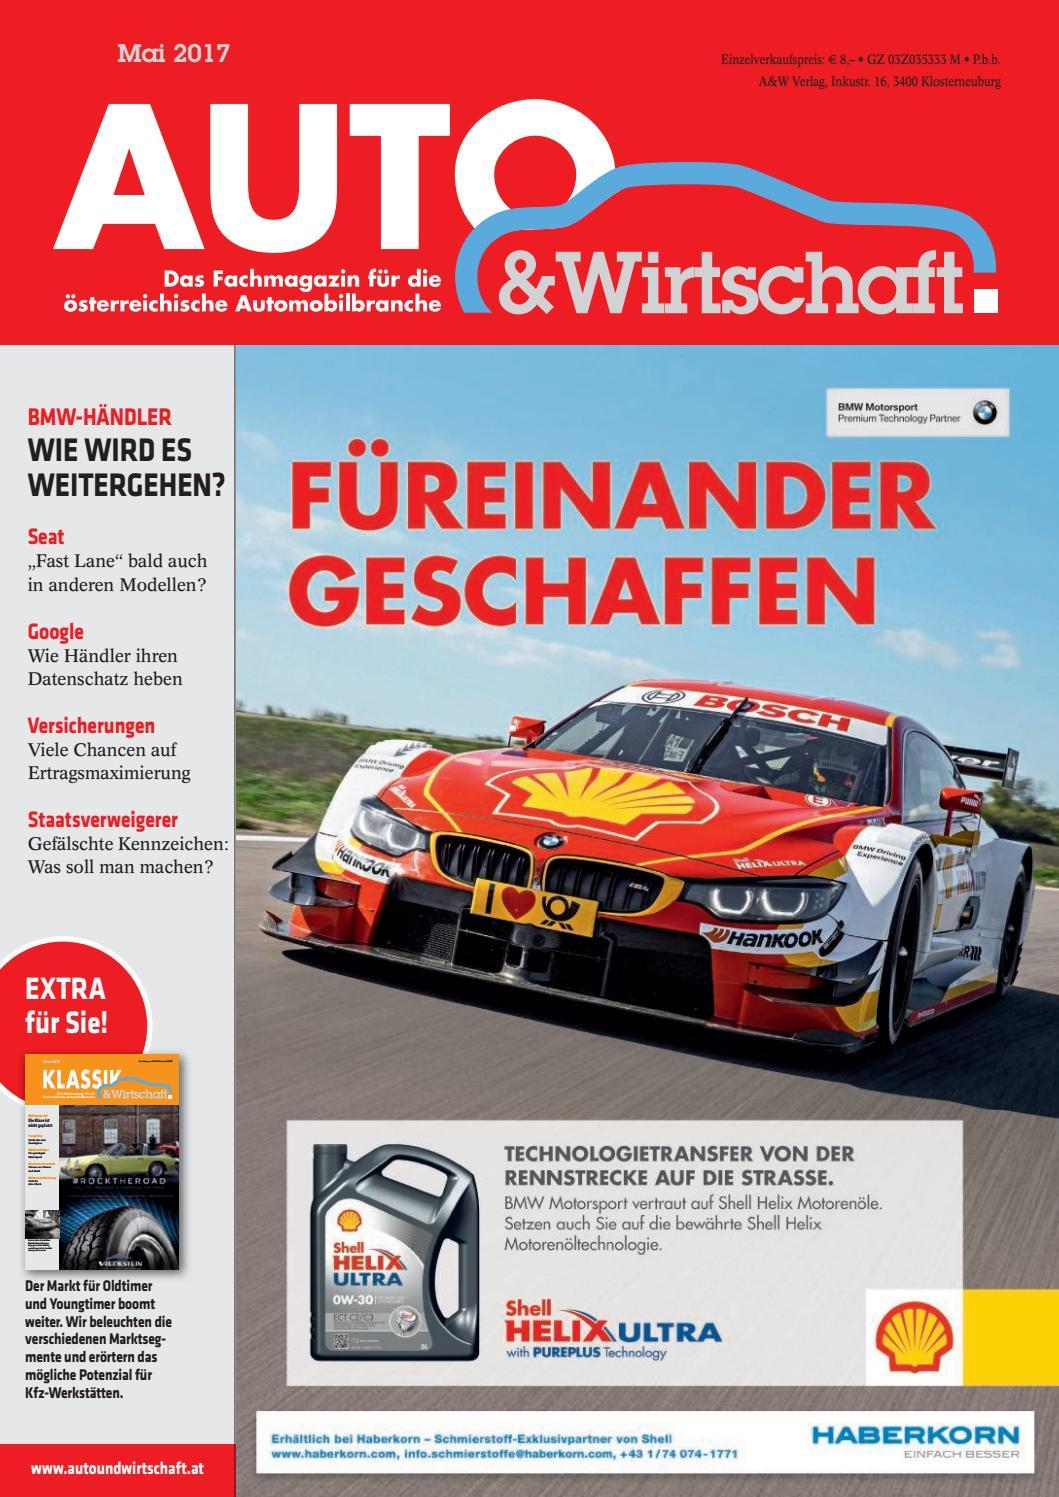 AUTO & Wirtschaft 05/17 by A&W Verlag GmbH - issuu